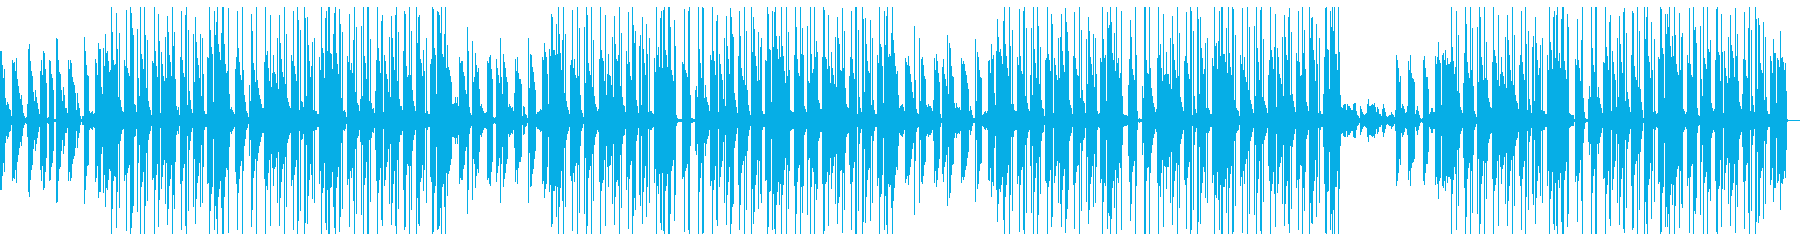 シンセを使ったユーモラスな雰囲気のBGMの再生済みの波形